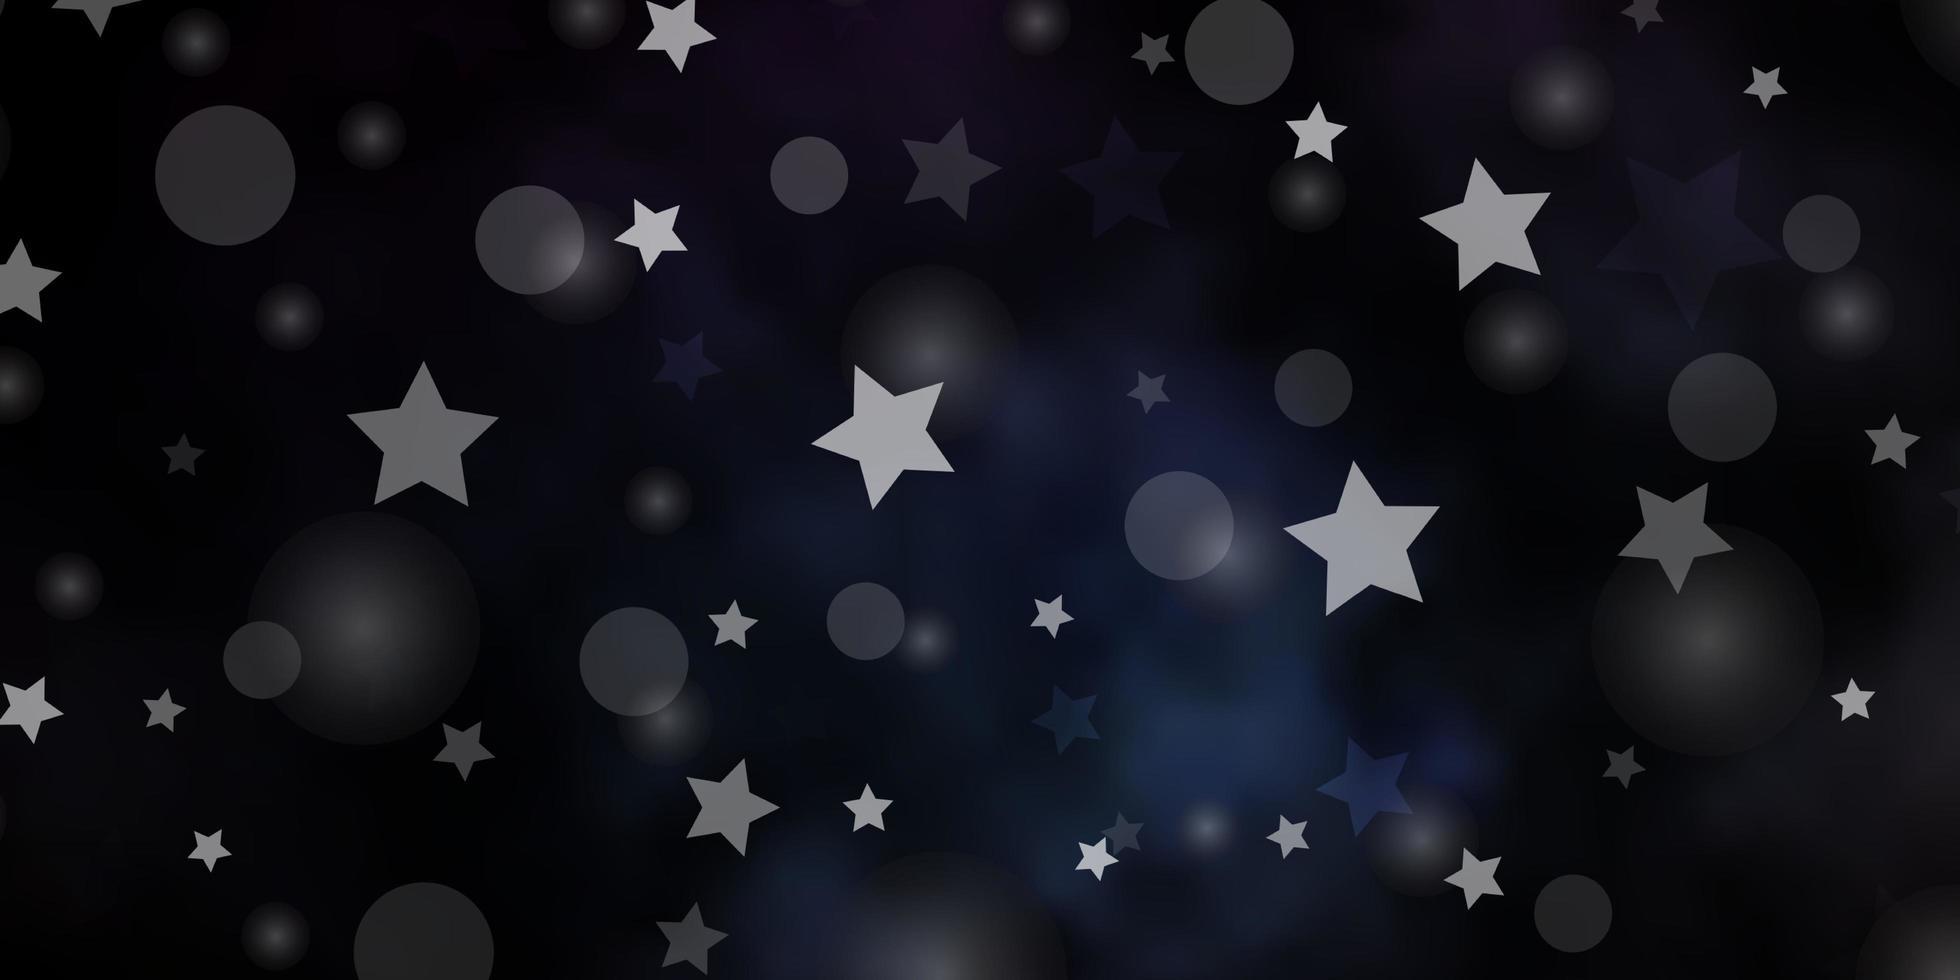 mörkblå vektormall med cirklar, stjärnor. vektor